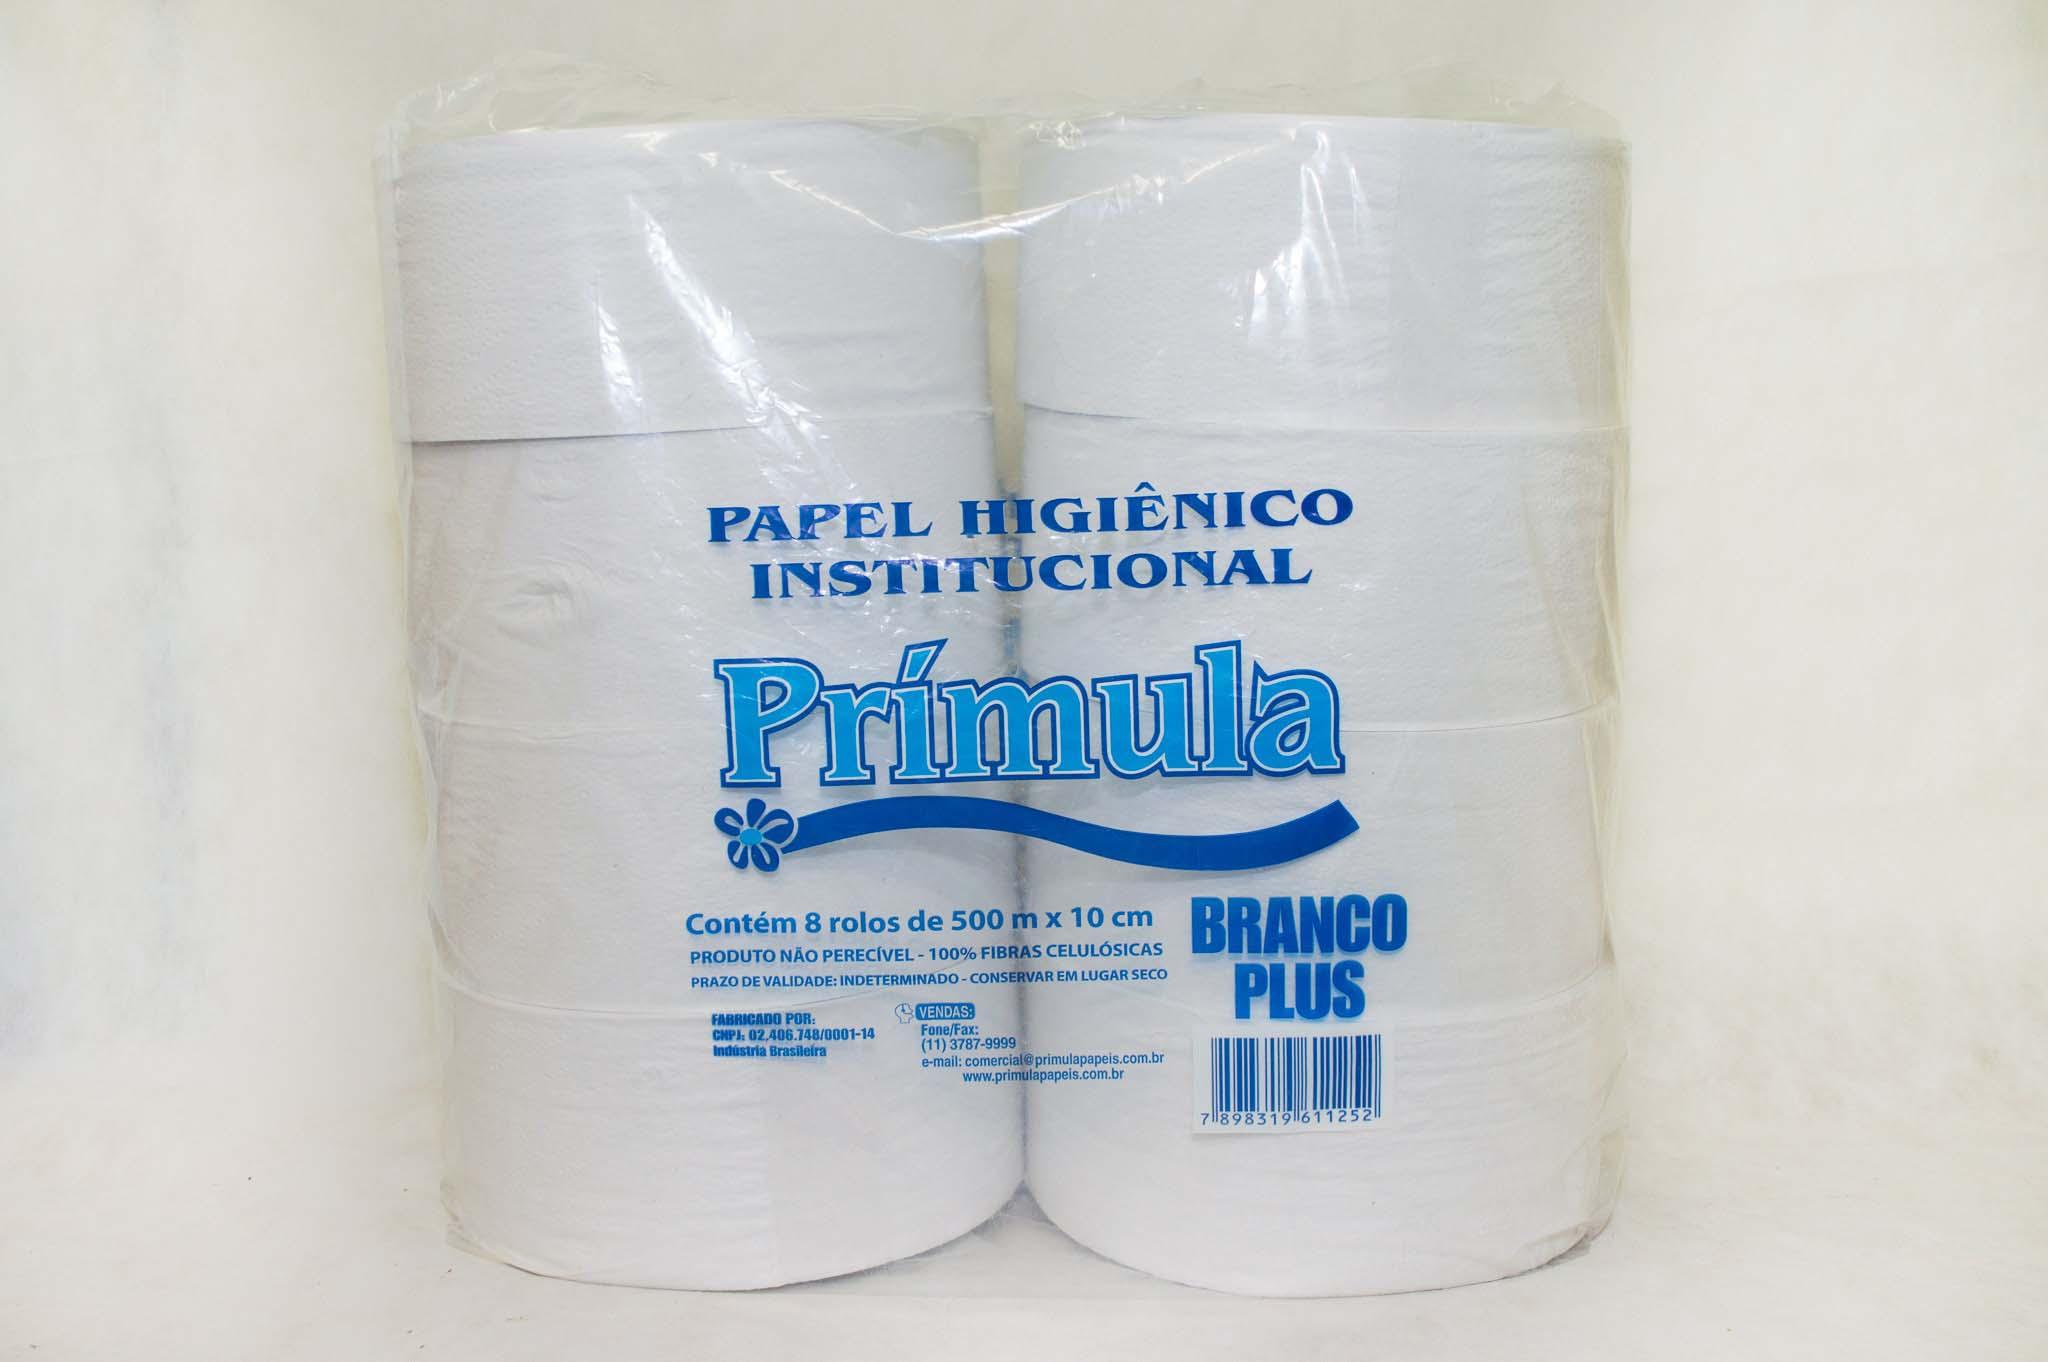 Distribuidores de papel higiênico institucional